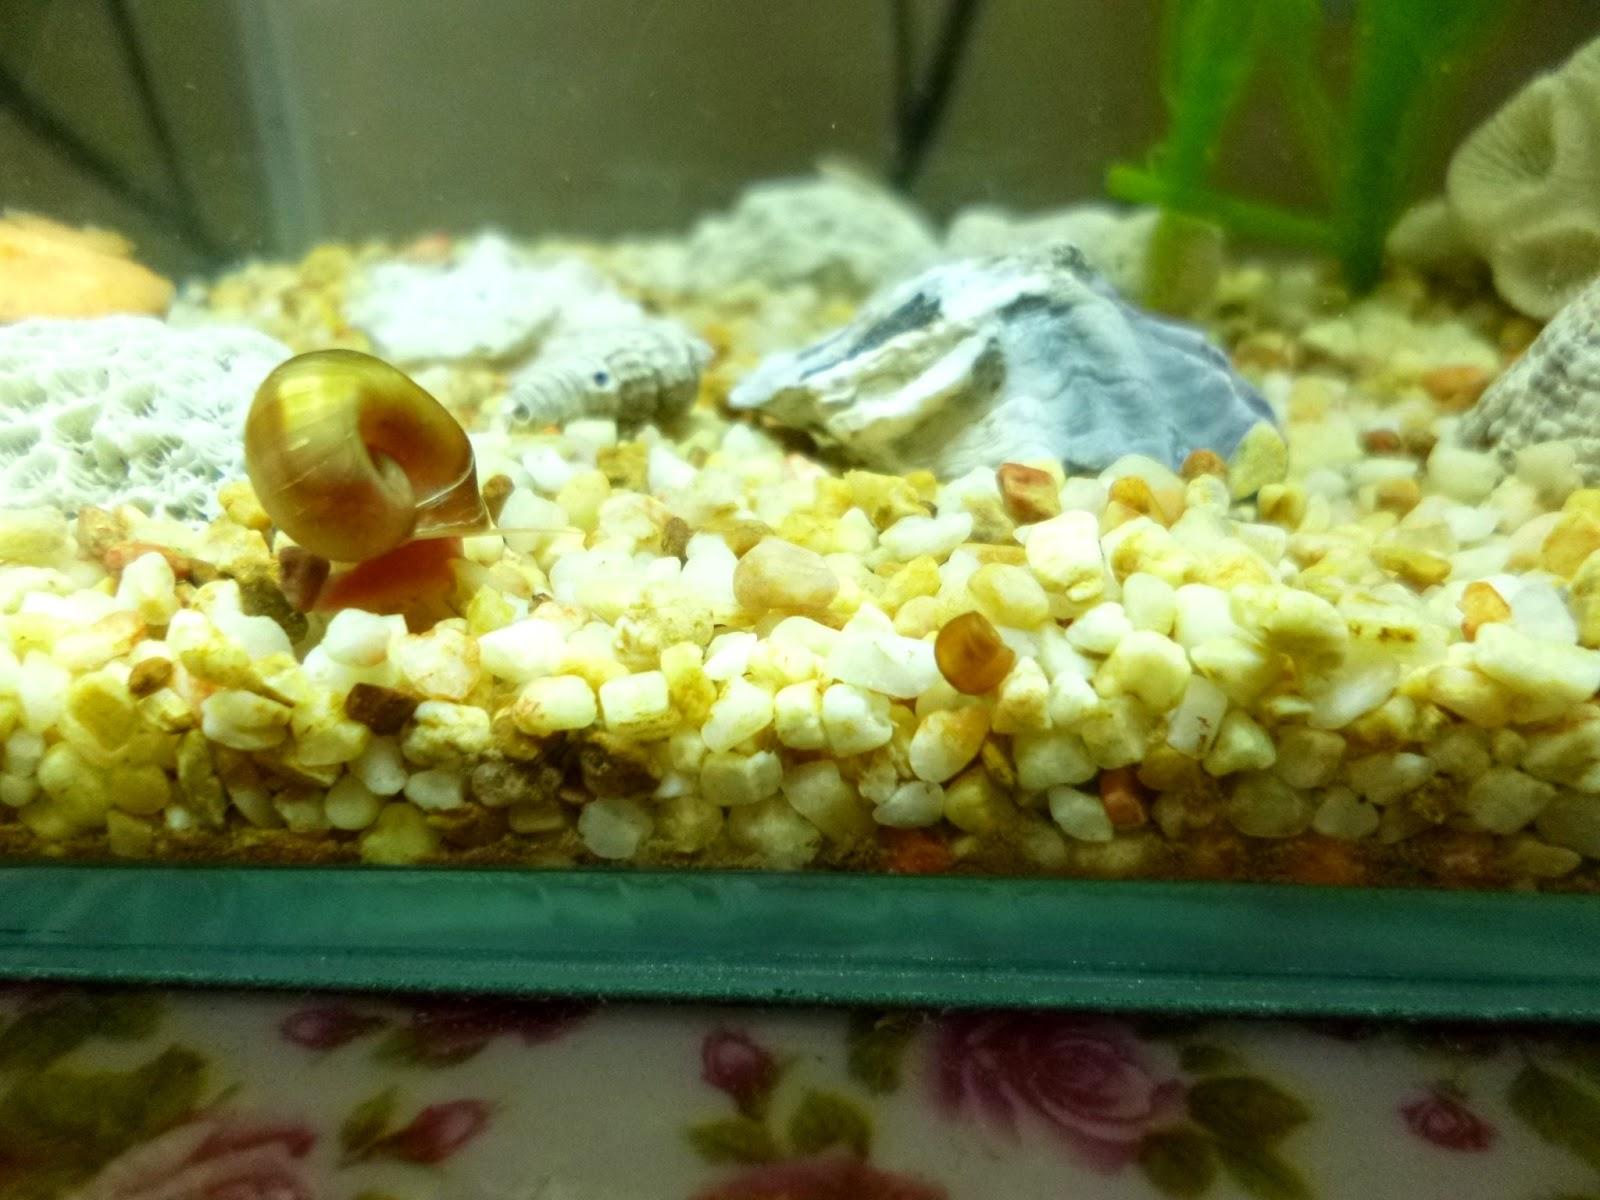 aquarium update 1 baby baby baby snail